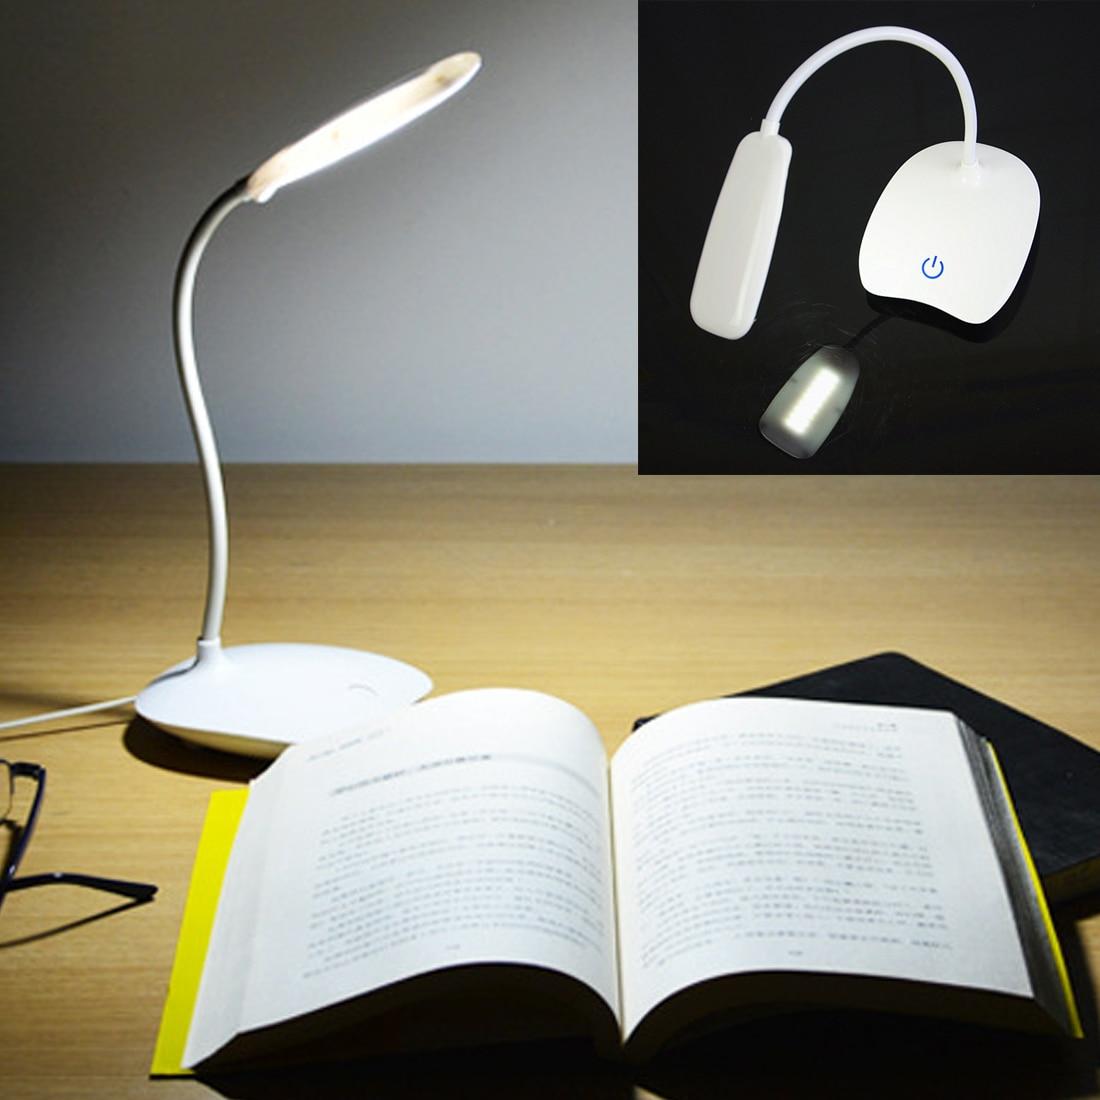 [해외]Desk Lamps Adjustable intensity USB Rechargeable LED Desks Table Lamp Reading Light Touch Switch Desk Lamps/Desk Lamps Adjustable intens